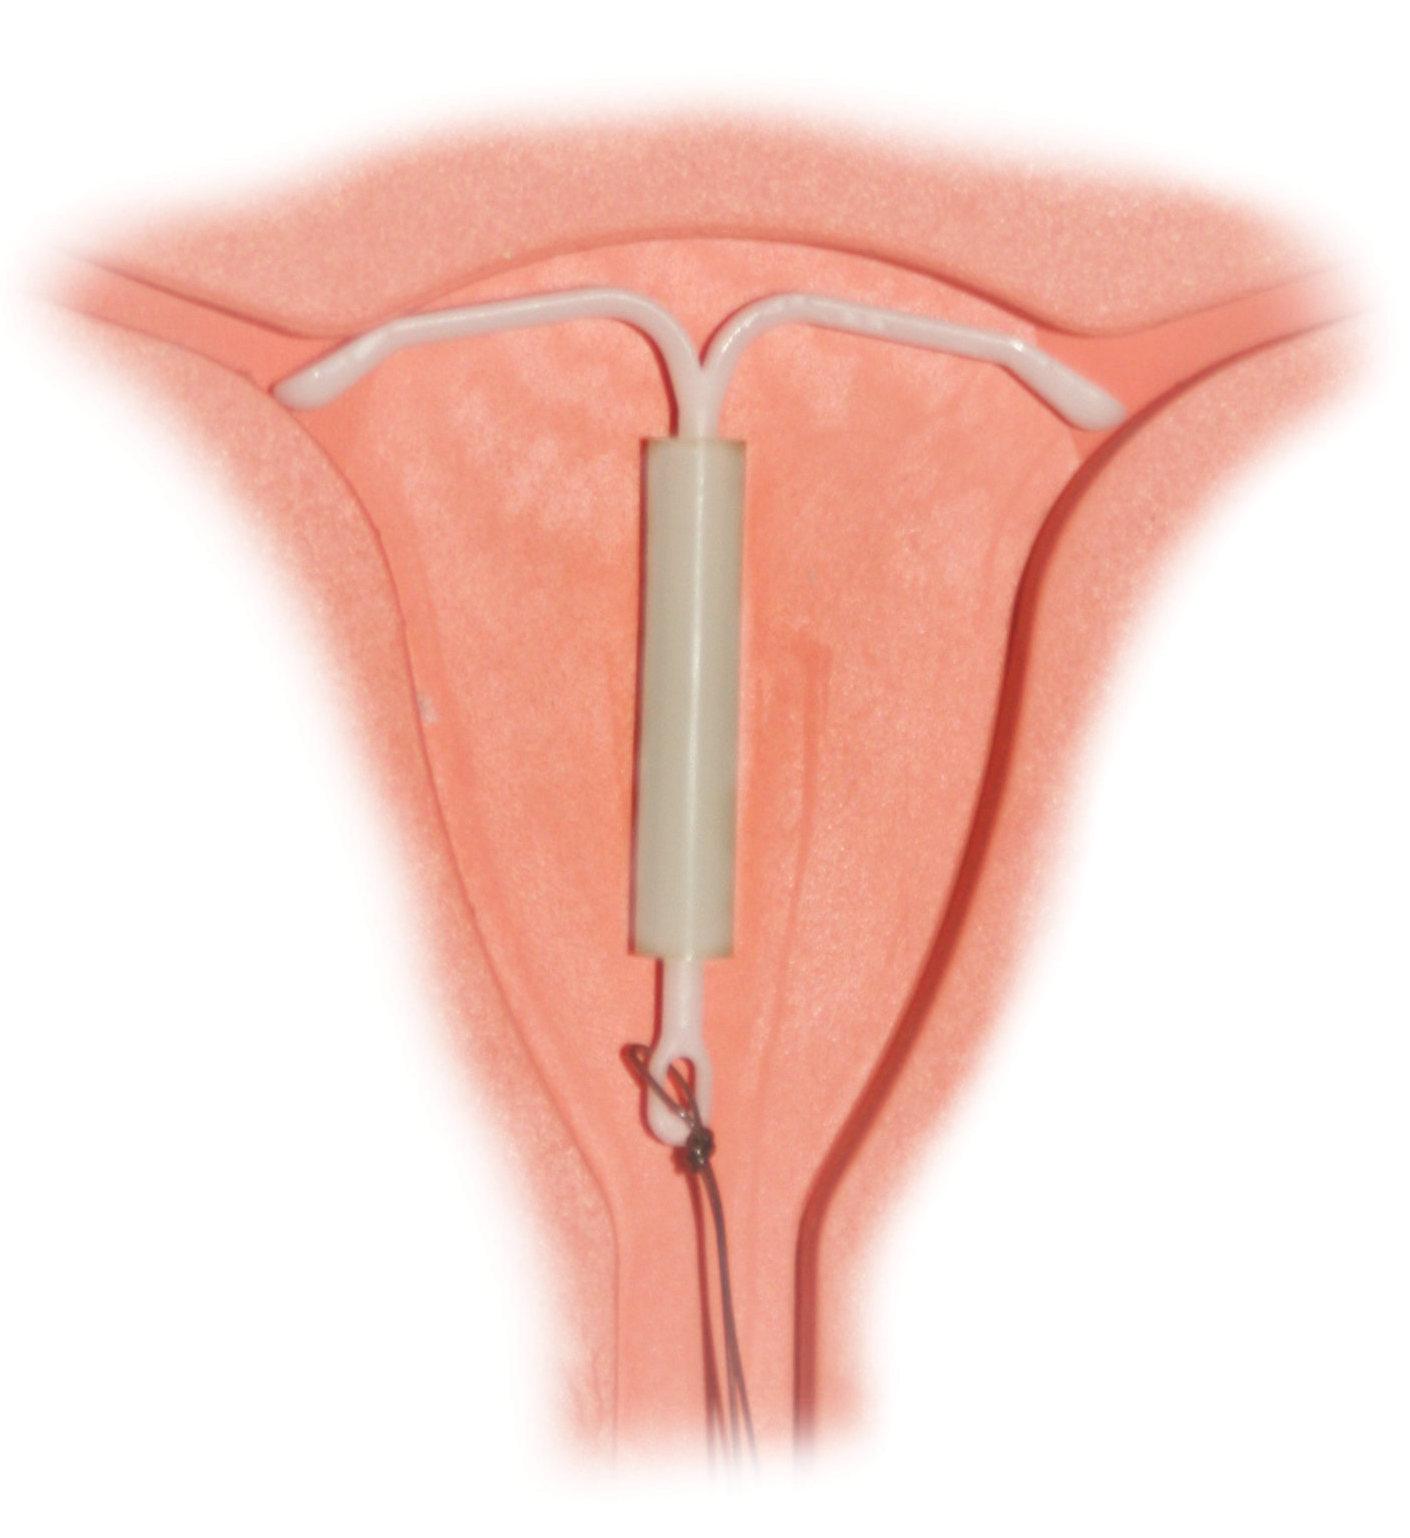 妊娠 症状 ミレーナ